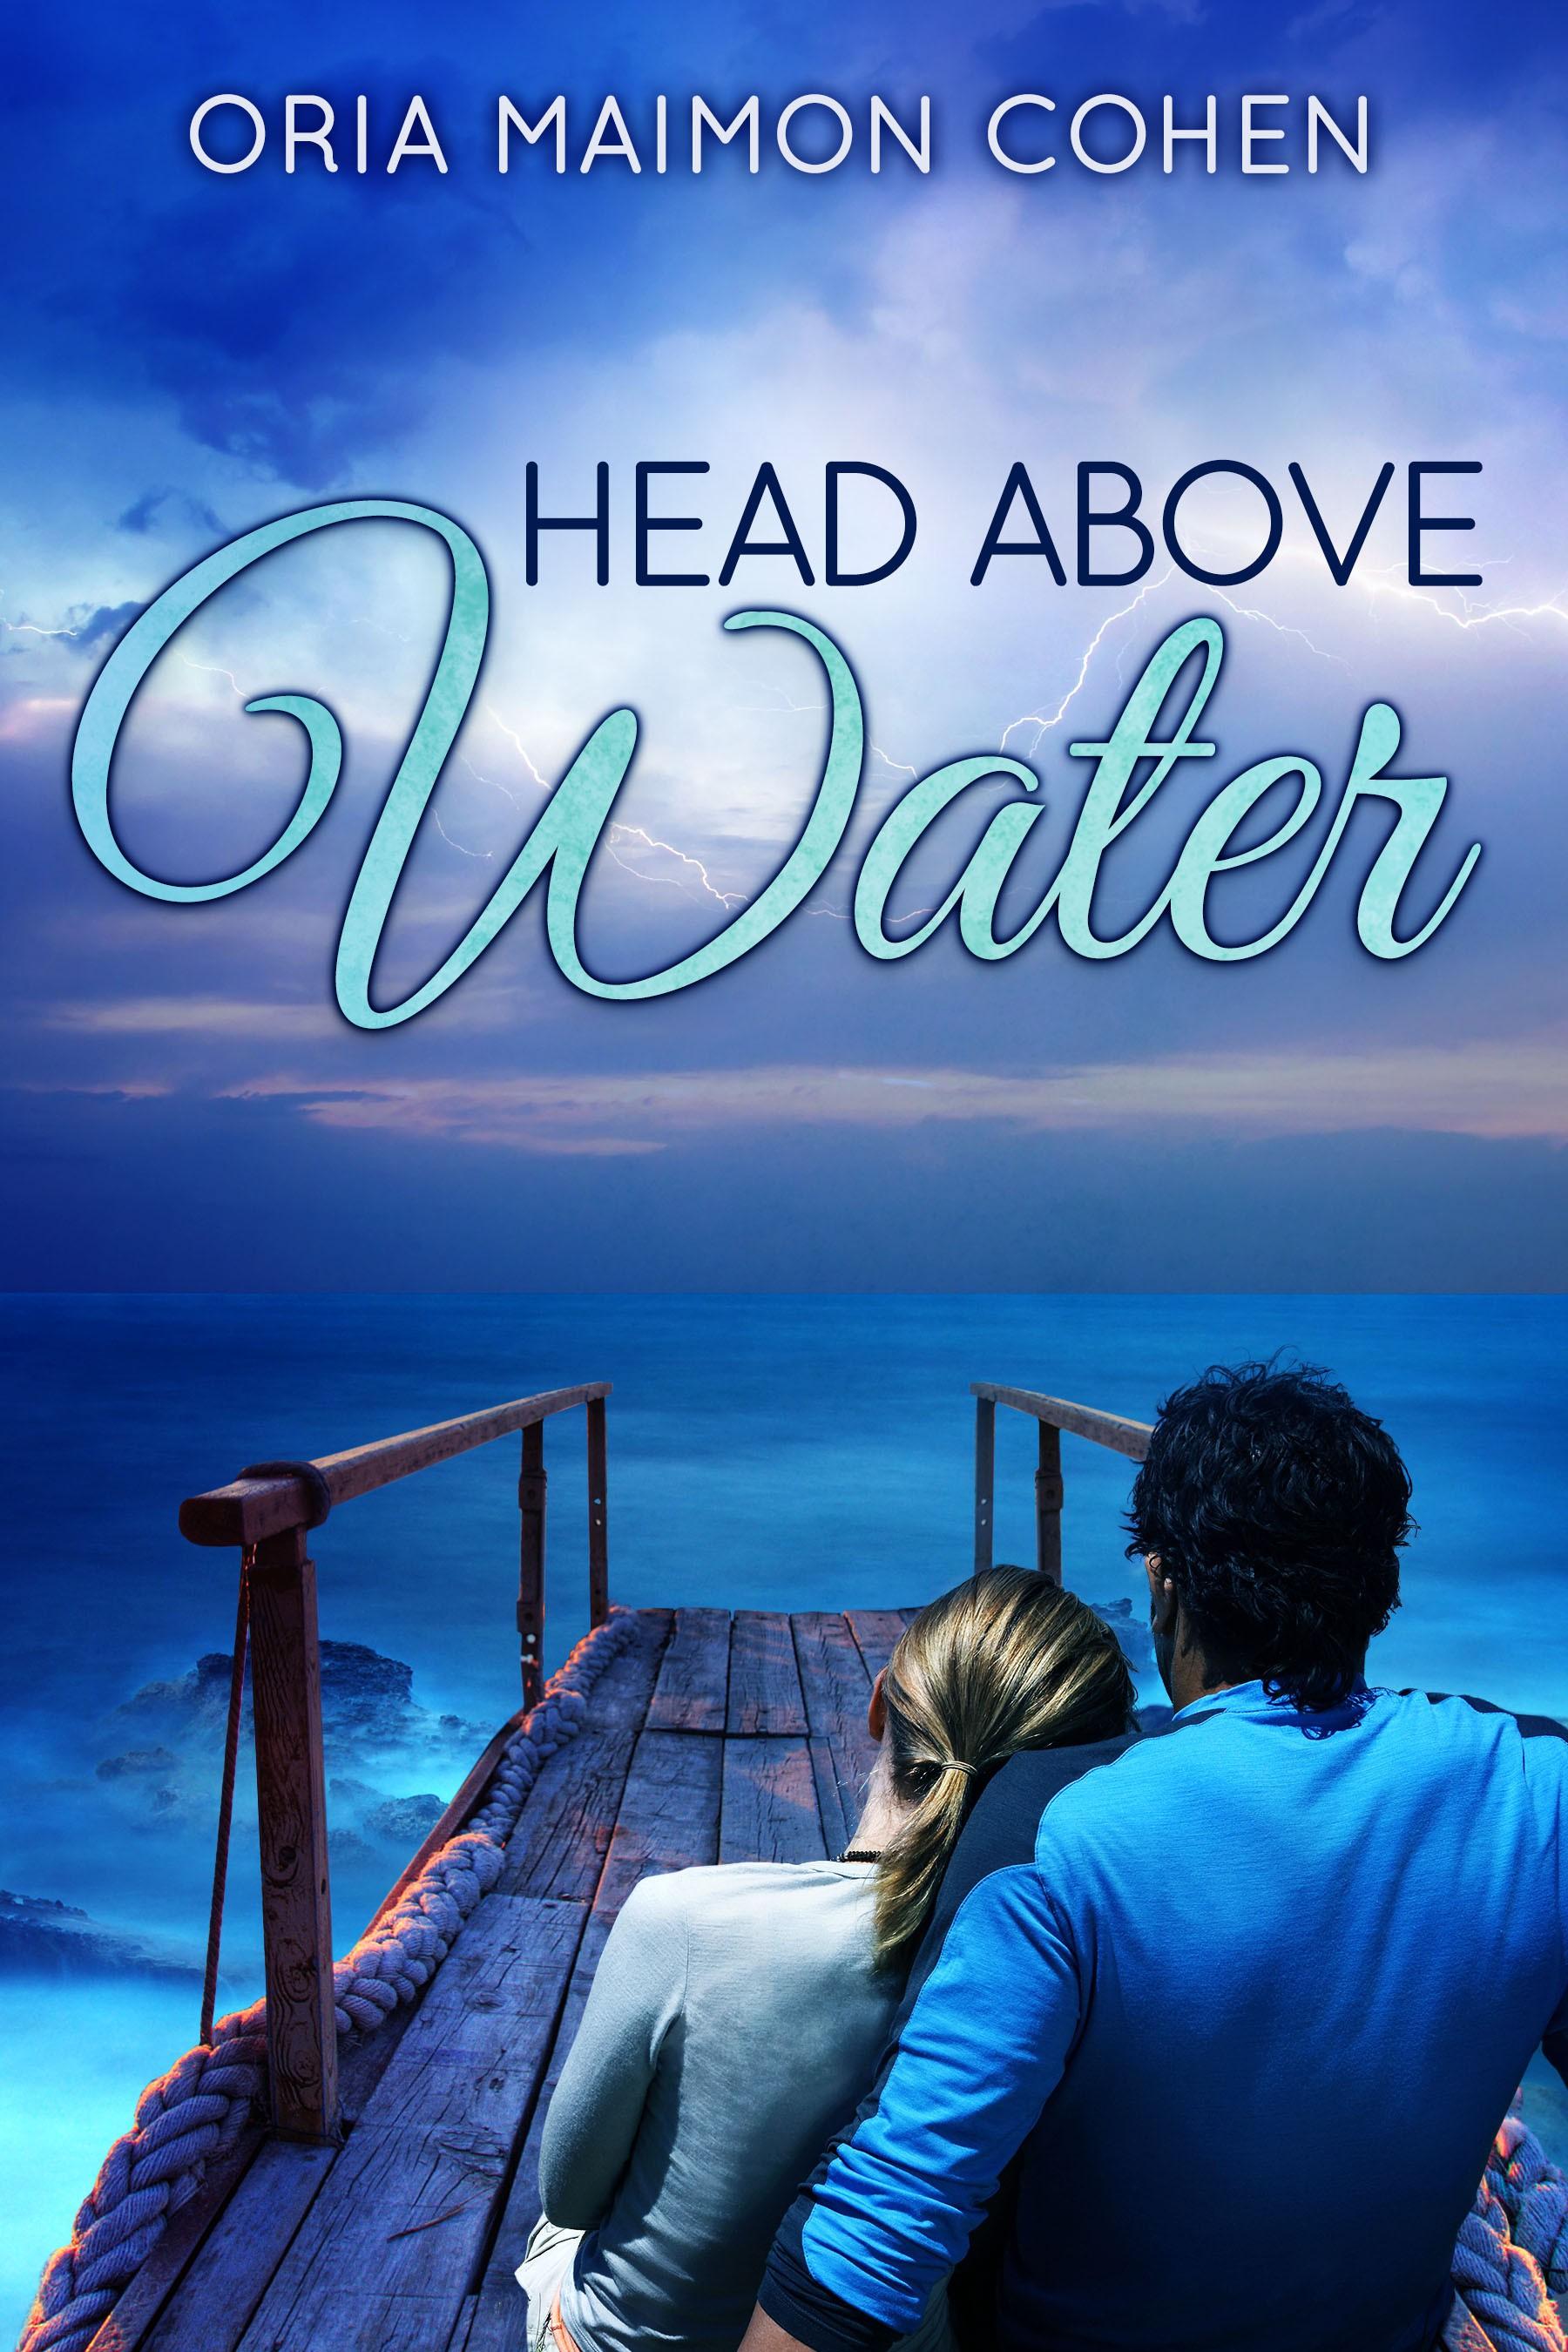 Book cover design - Head Above Water - Oria Maimon Cohen